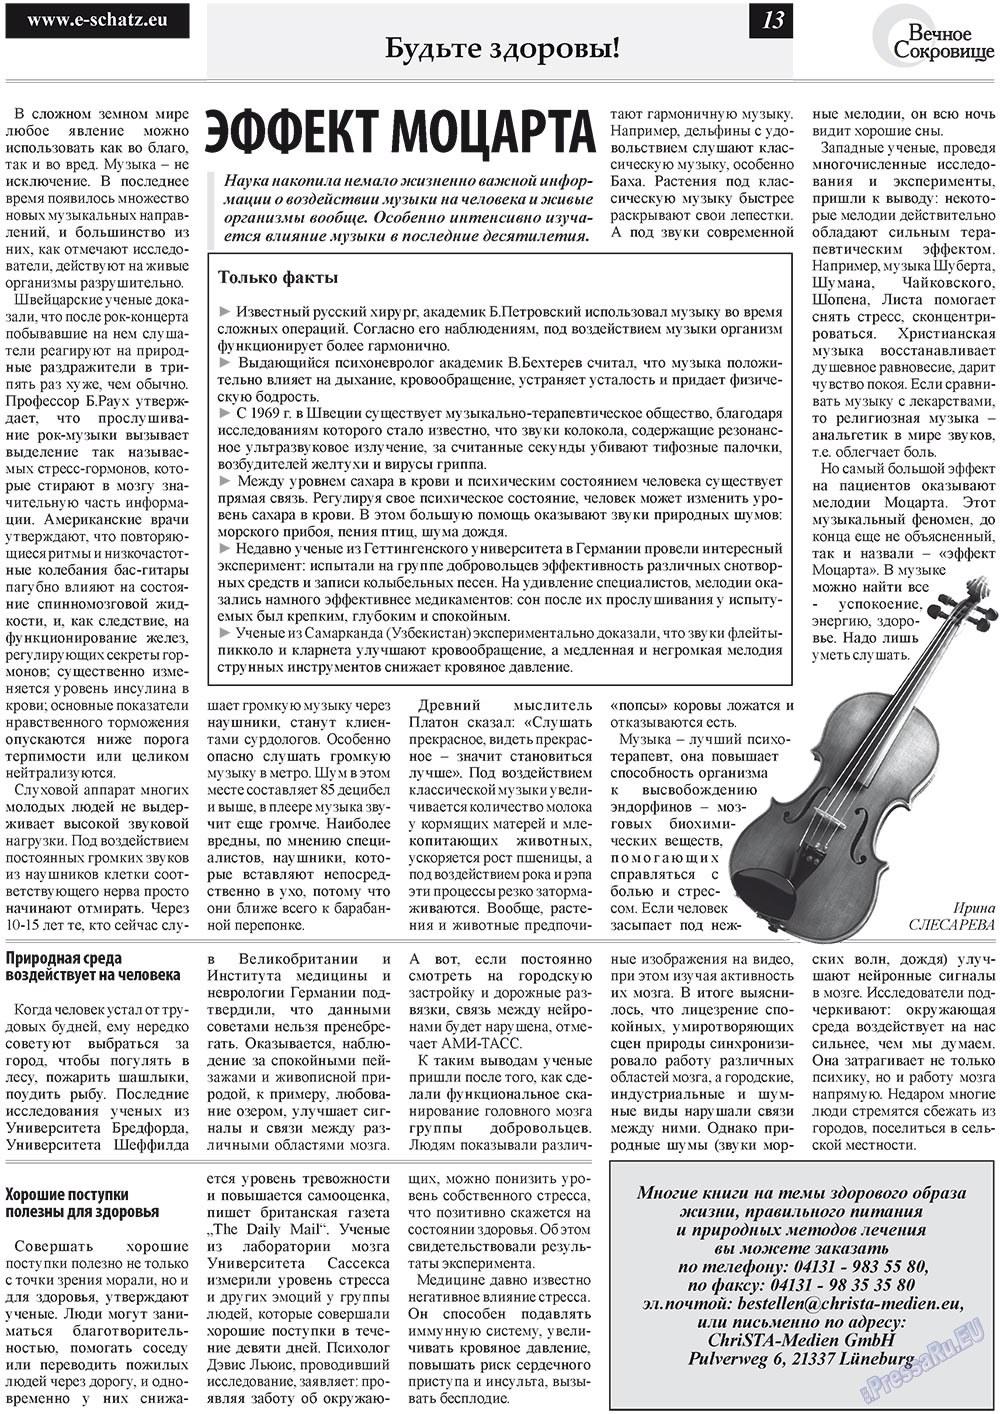 Вечное сокровище (газета). 2010 год, номер 4, стр. 13